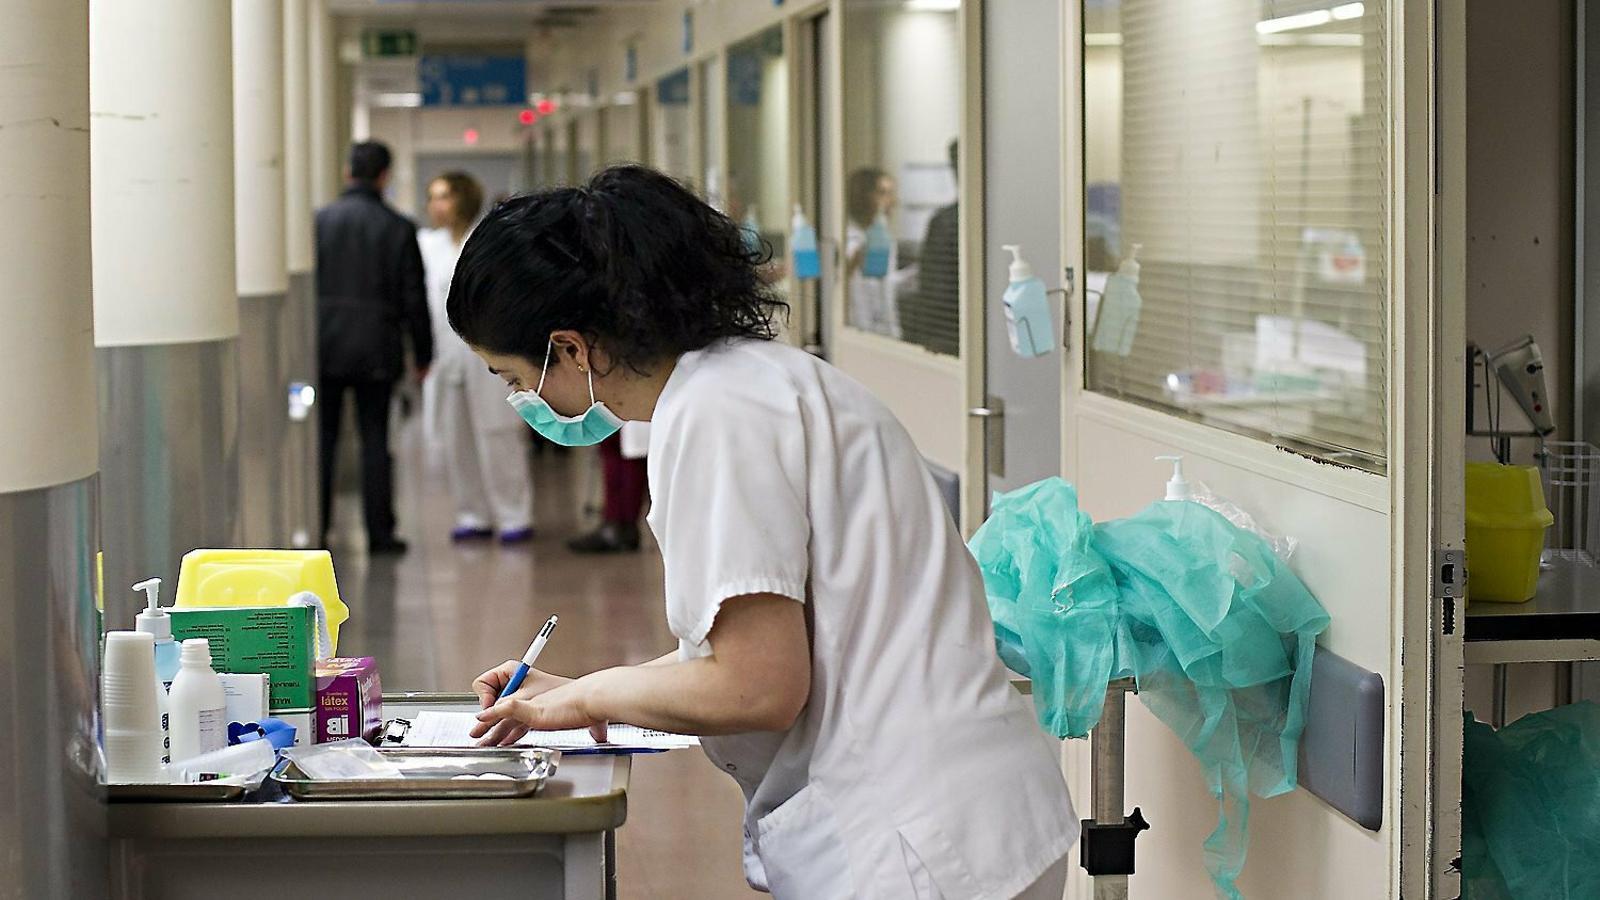 L'explotació laboral a la infermeria, una realitat normalitzada